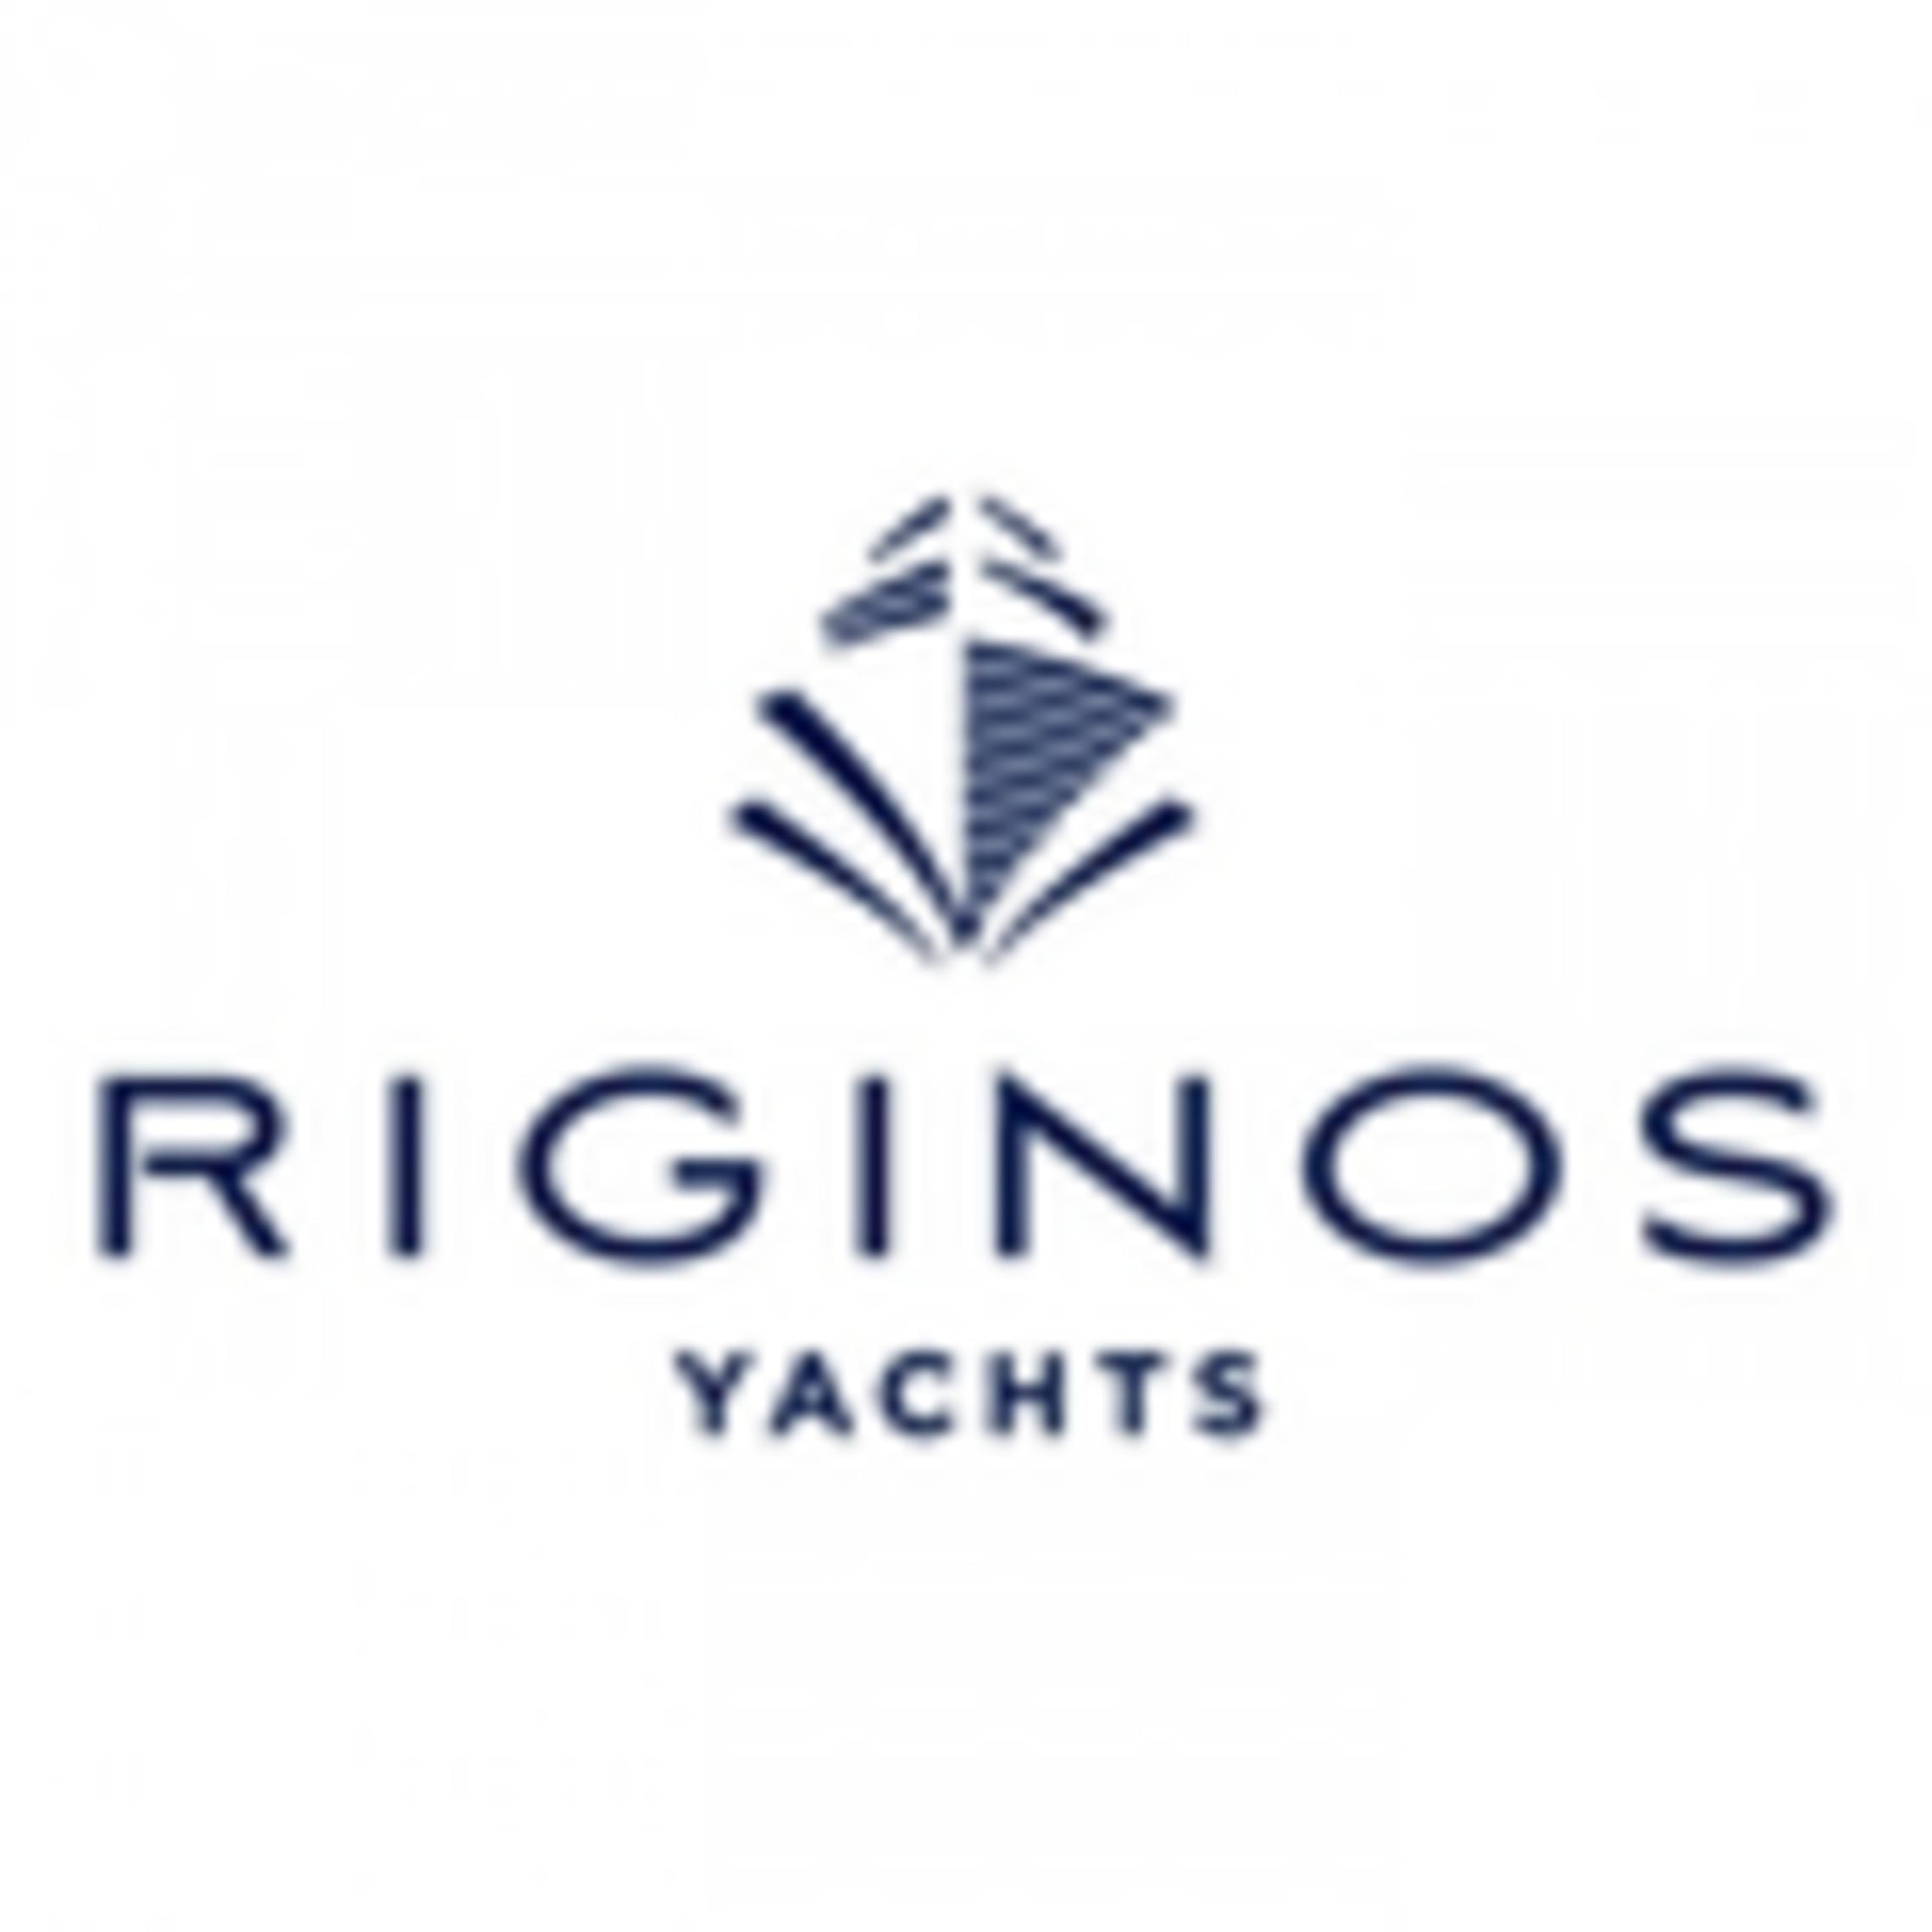 riginos yachts- company logo